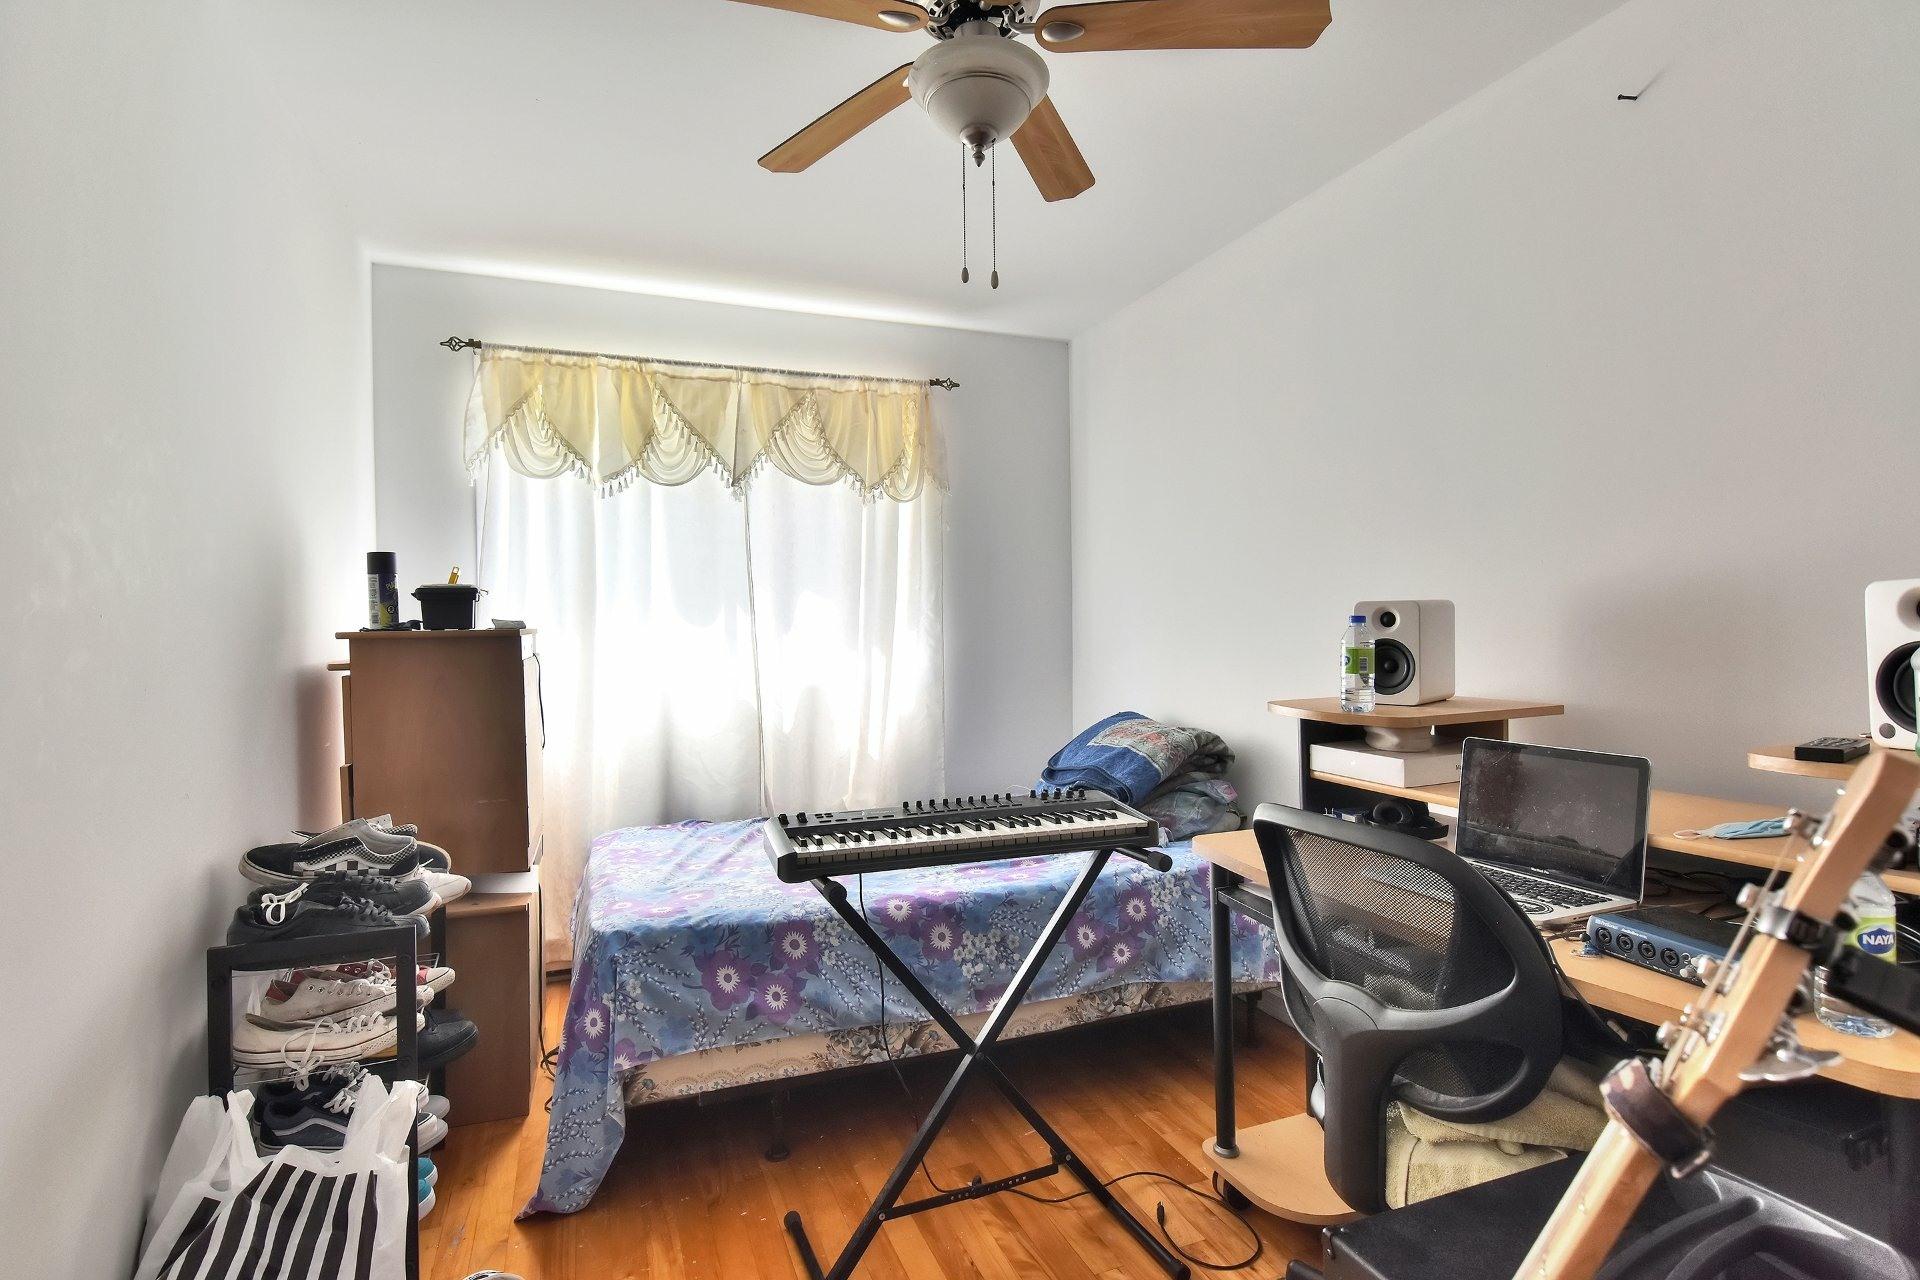 image 17 - Duplex For sale Rivière-des-Prairies/Pointe-aux-Trembles Montréal  - 5 rooms